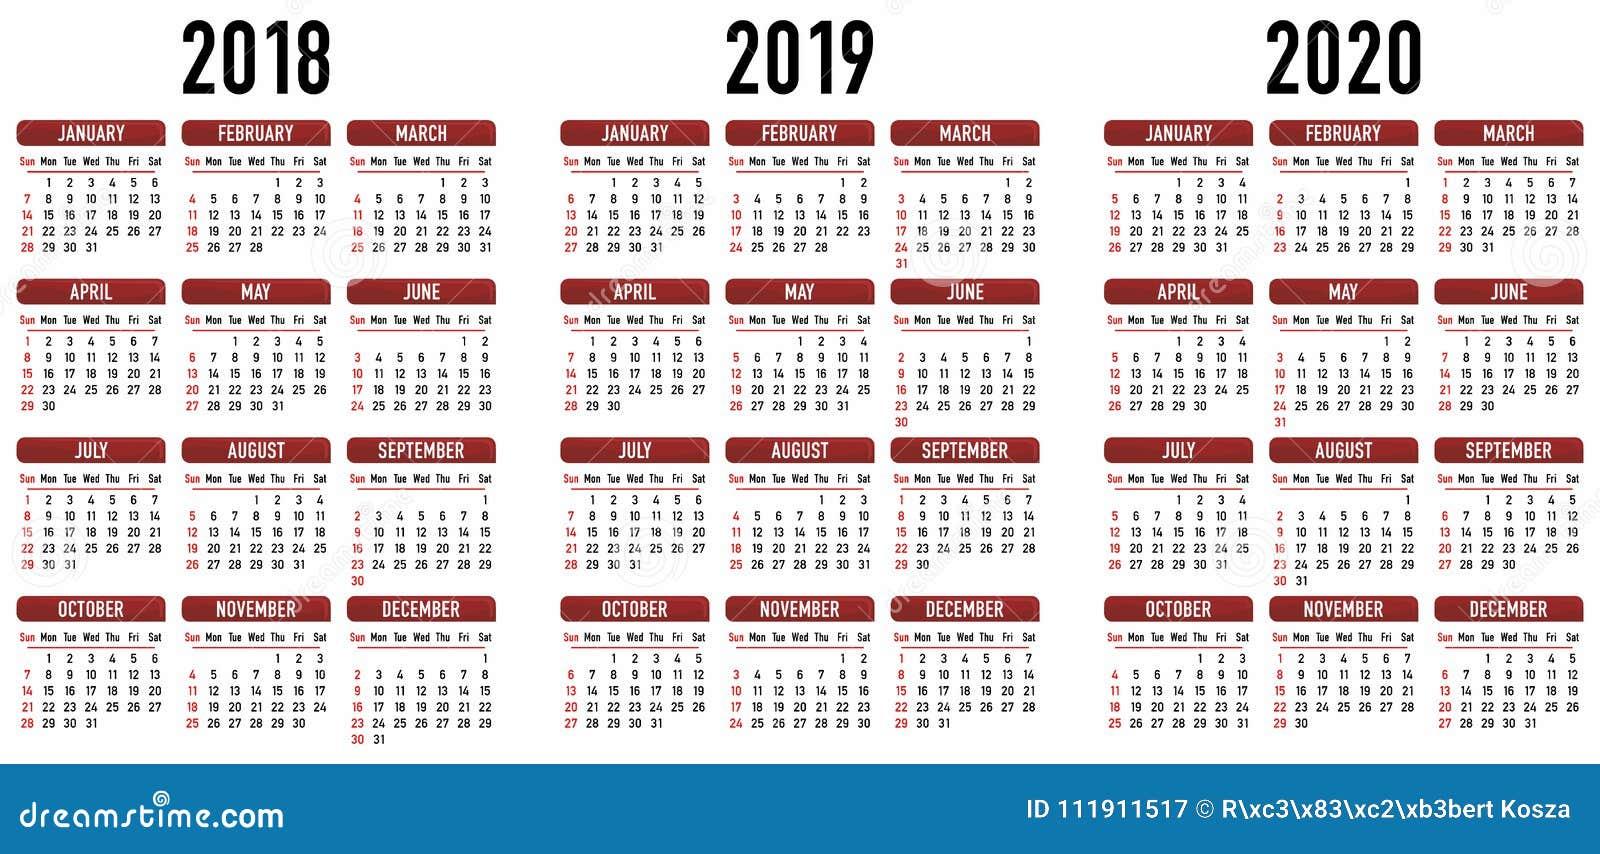 Calendario 2020 Vector Gratis En Espanol.Simple Calendar 2018 2019 2020 Vector Graphic Stock